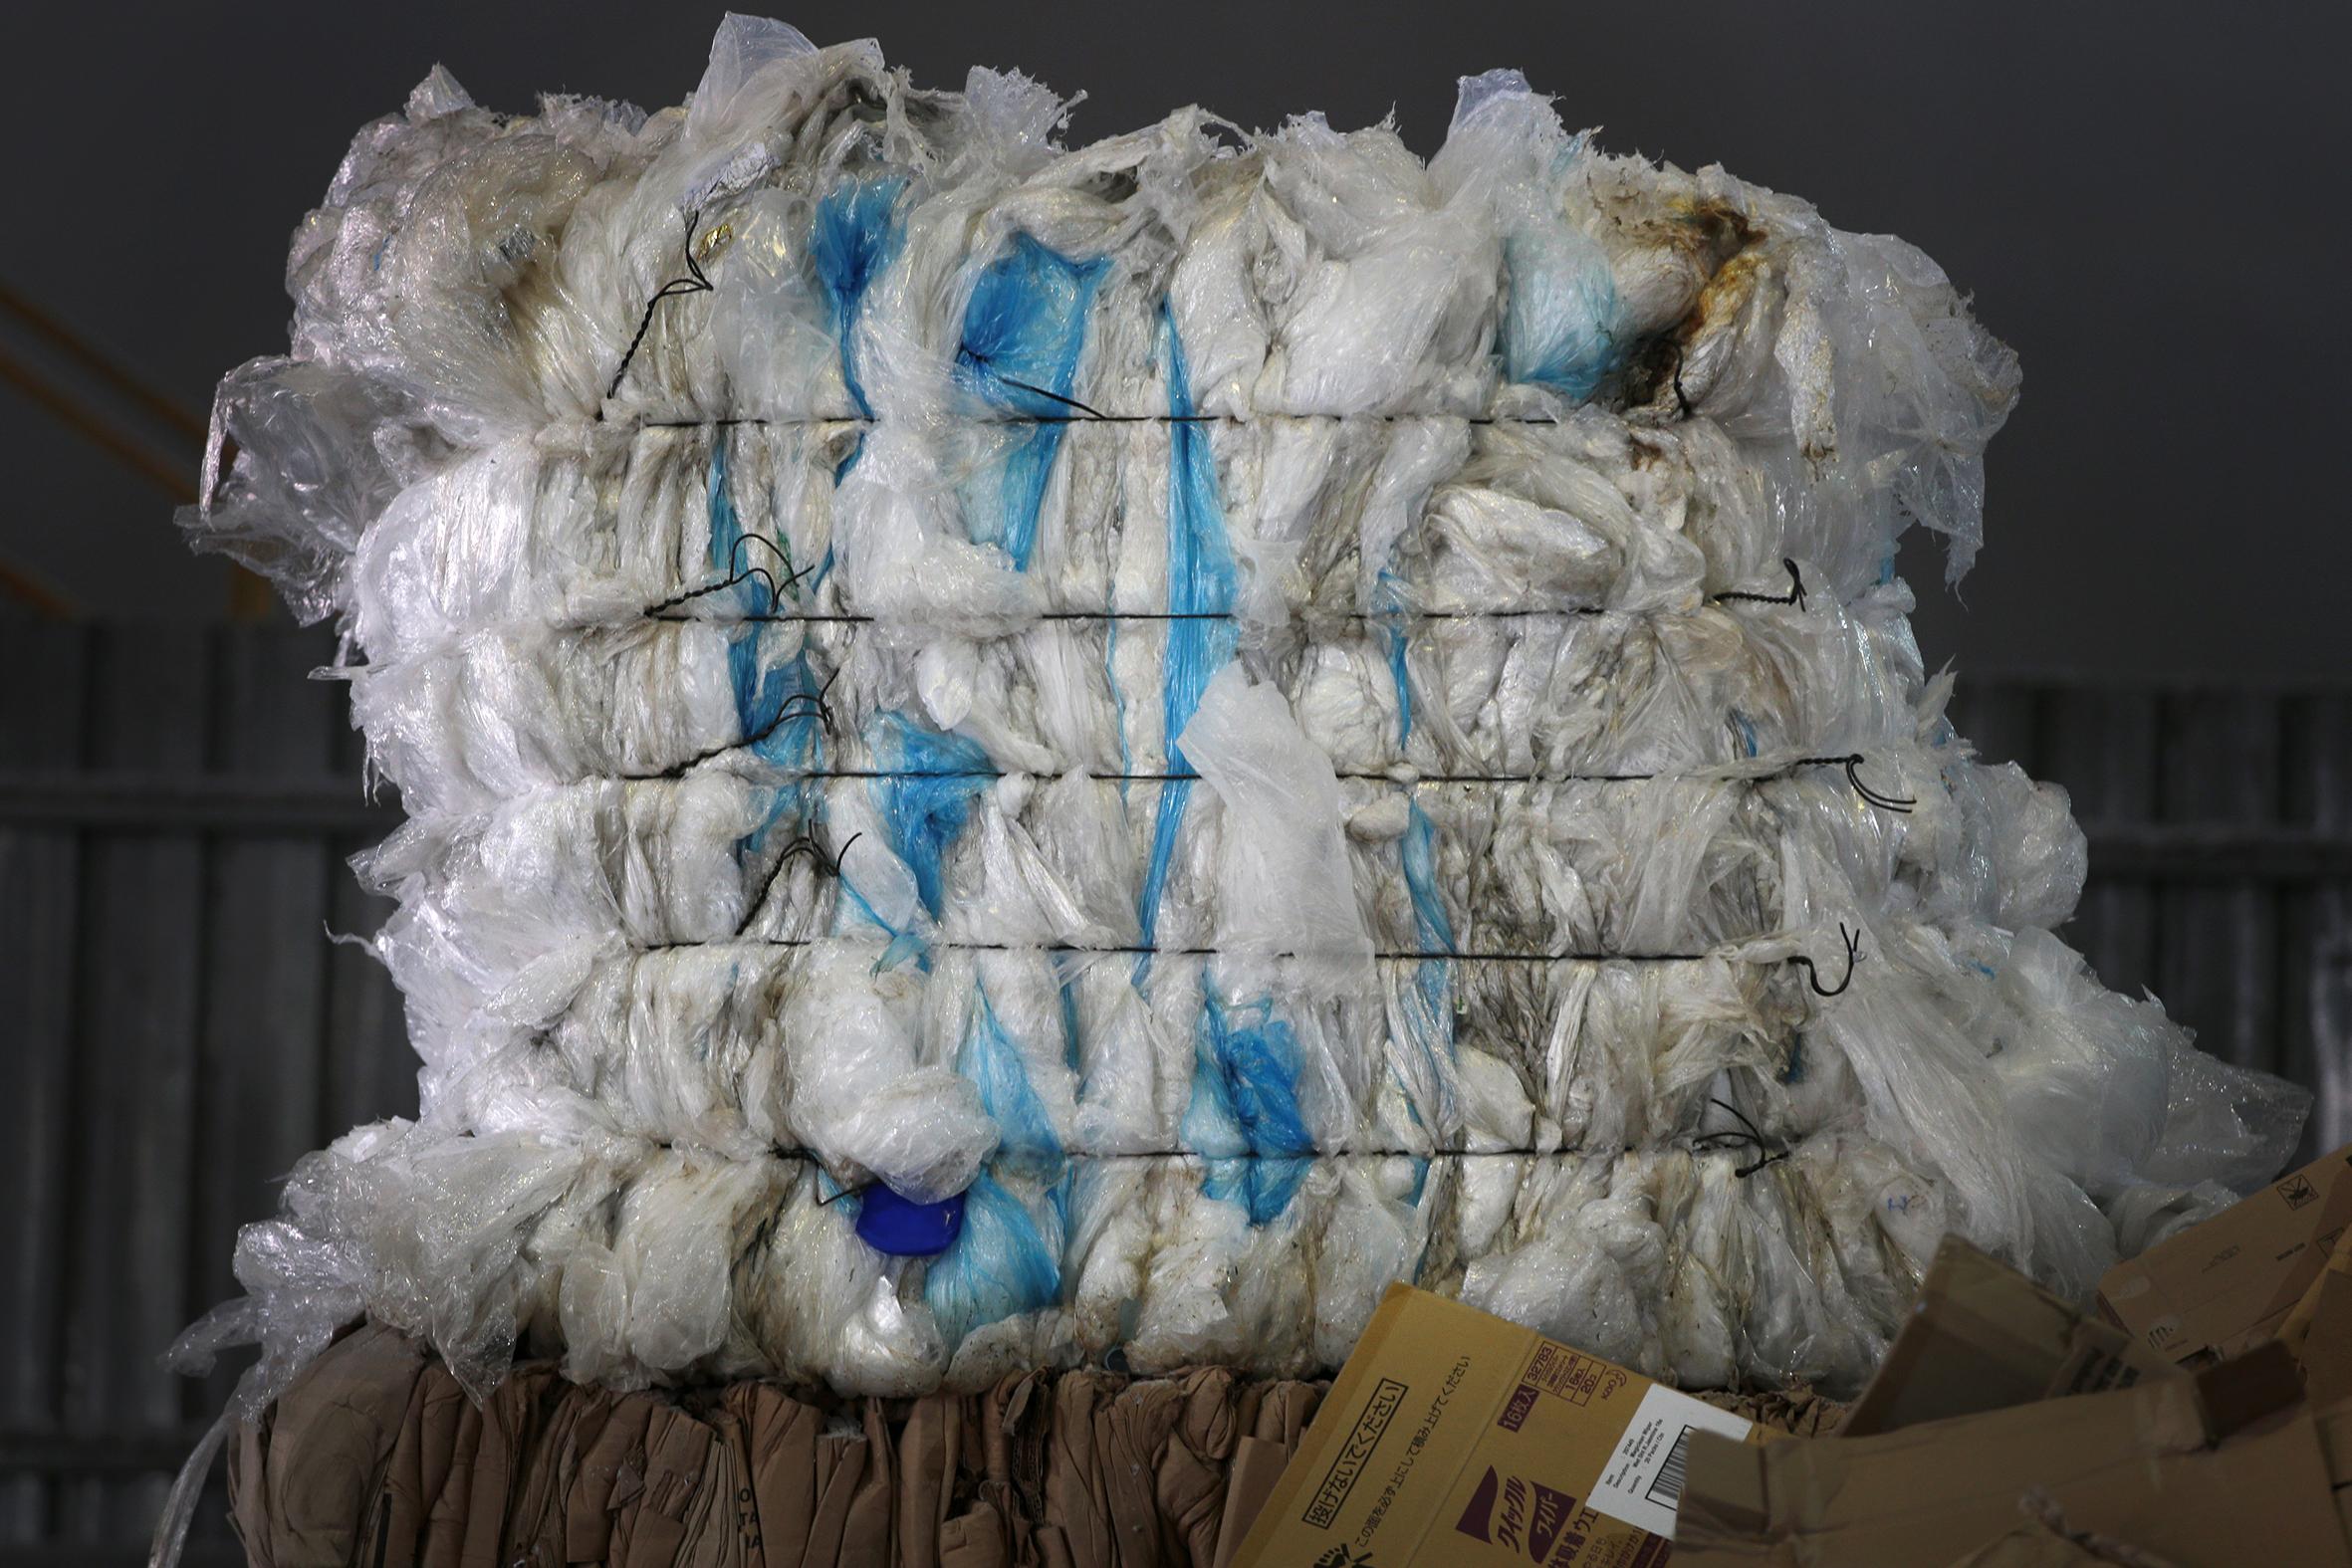 Do điều kiện địa lý và chi phí đắt đỏ, V1 Recycle và Impetus Conceptus là hai trong số các công ty tại Singapore chuyển rác thải nhựa có thể tái chế được đến các cơ sở tái chế tại Johorcủa Malaysia để hoàn thiện sản phẩm